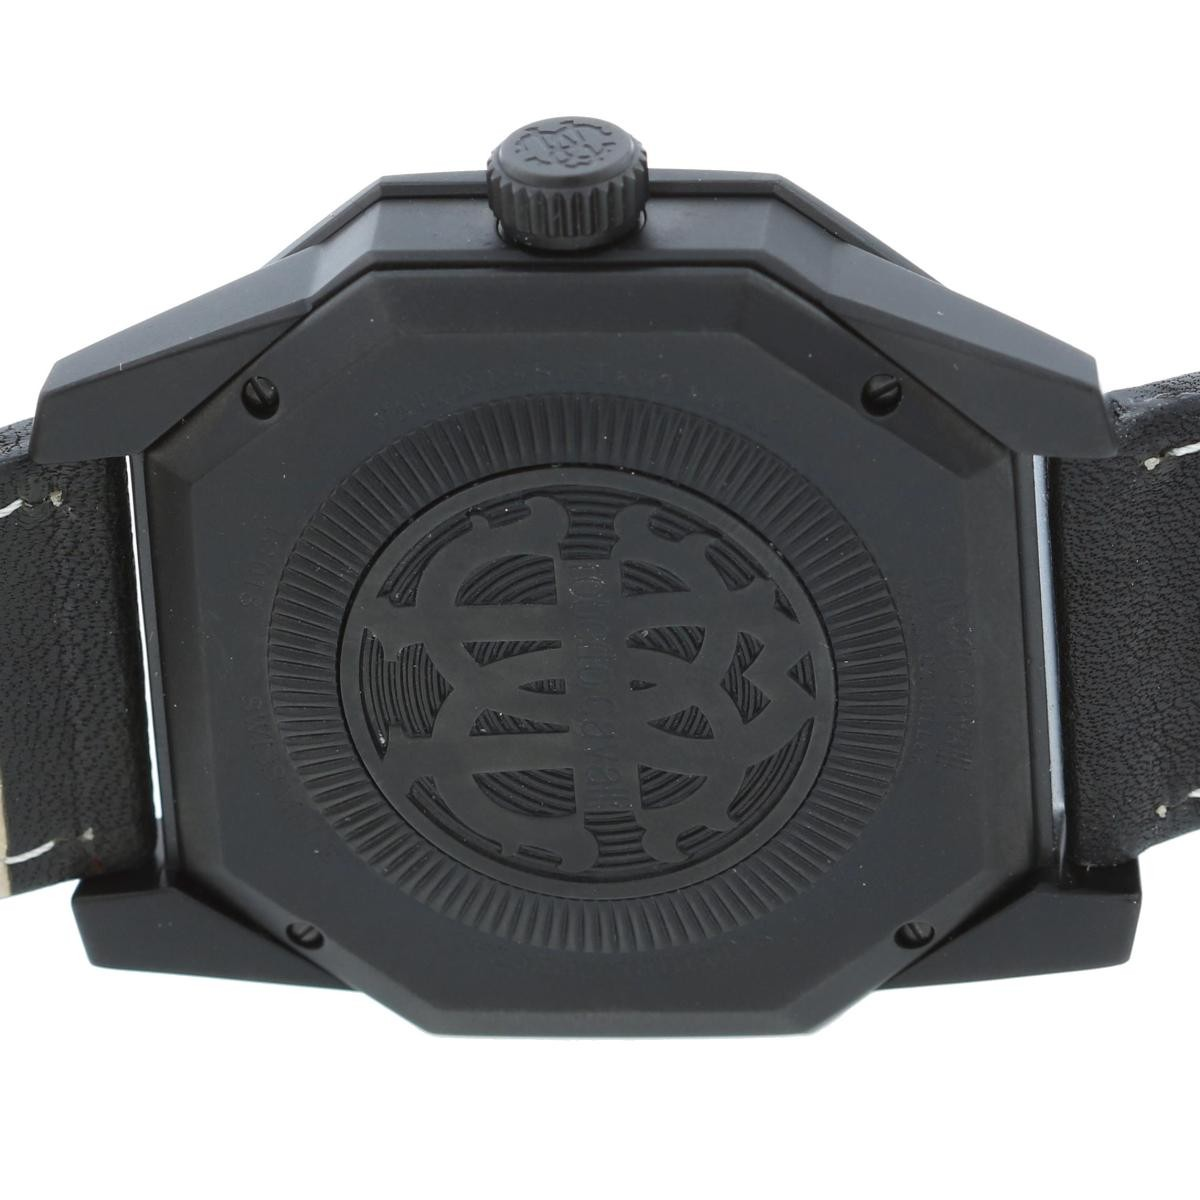 【お値下げ品】【中古】 Roberto Cavalli (ロベルト カヴァリ) by FRANCK MULLER 時計 クオーツ/メンズ Quartz Black RV1G025L0091 used:B